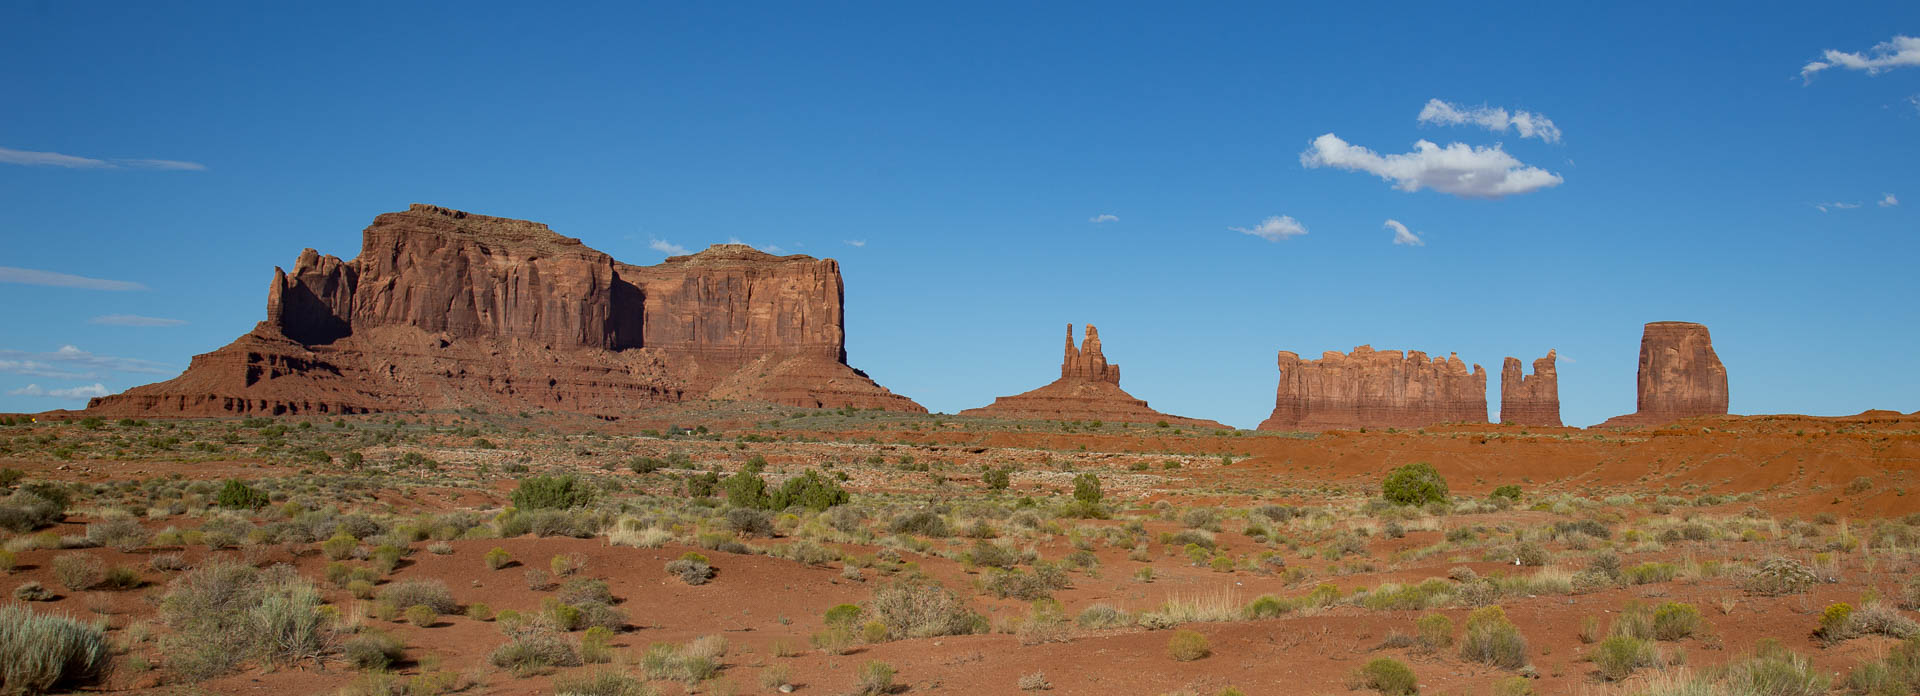 monument-vista